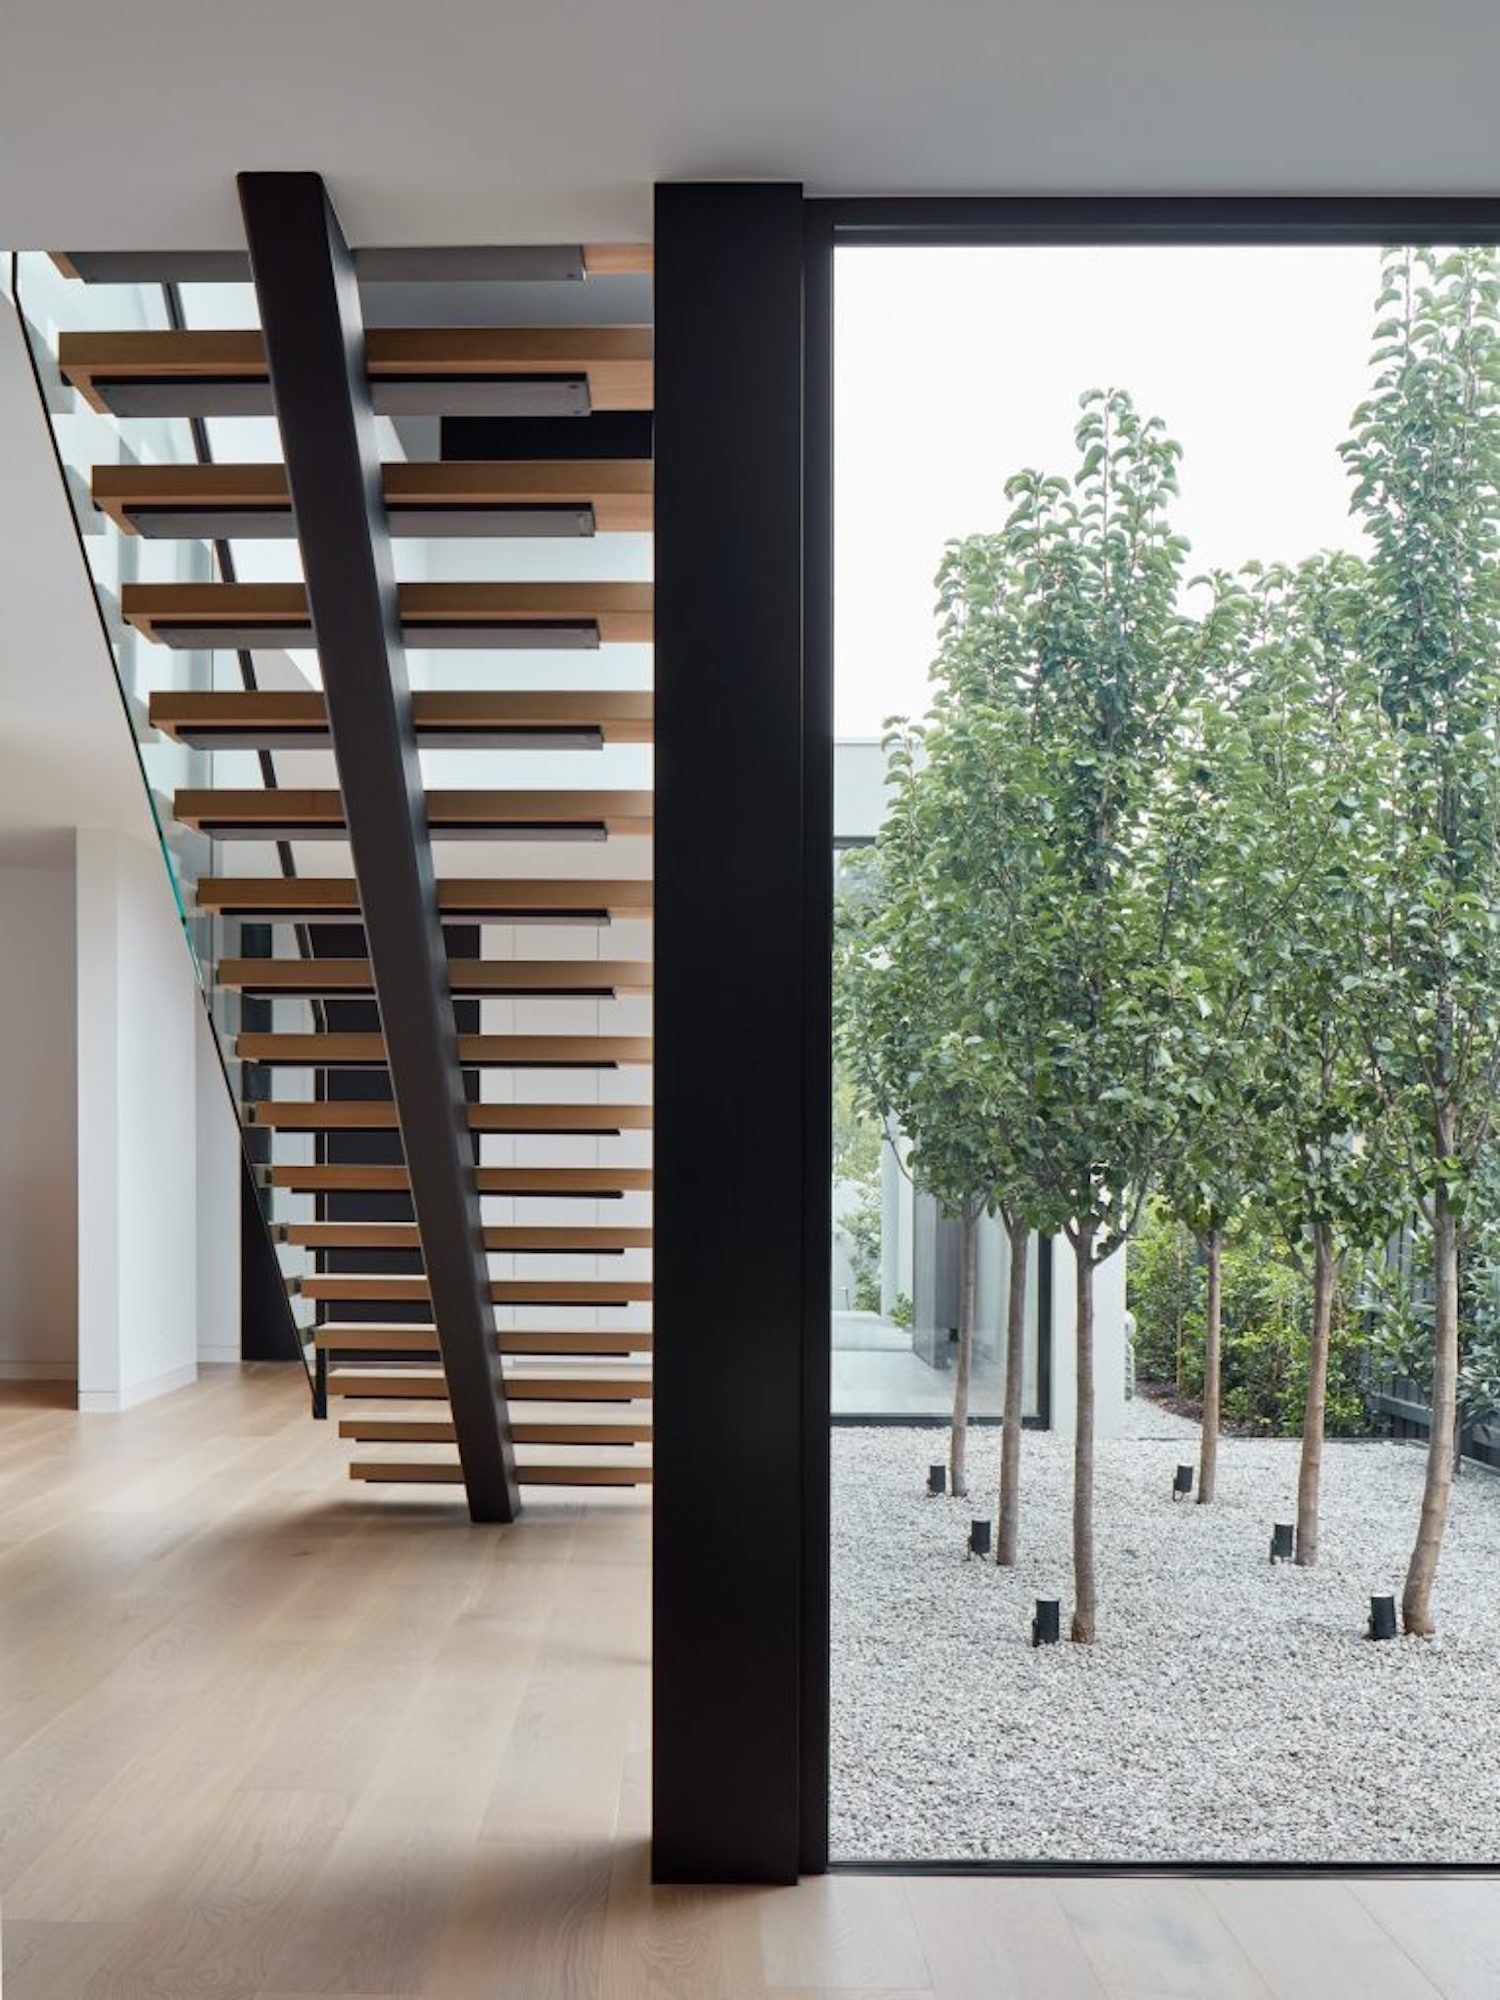 est living vincent house borland architecture 2